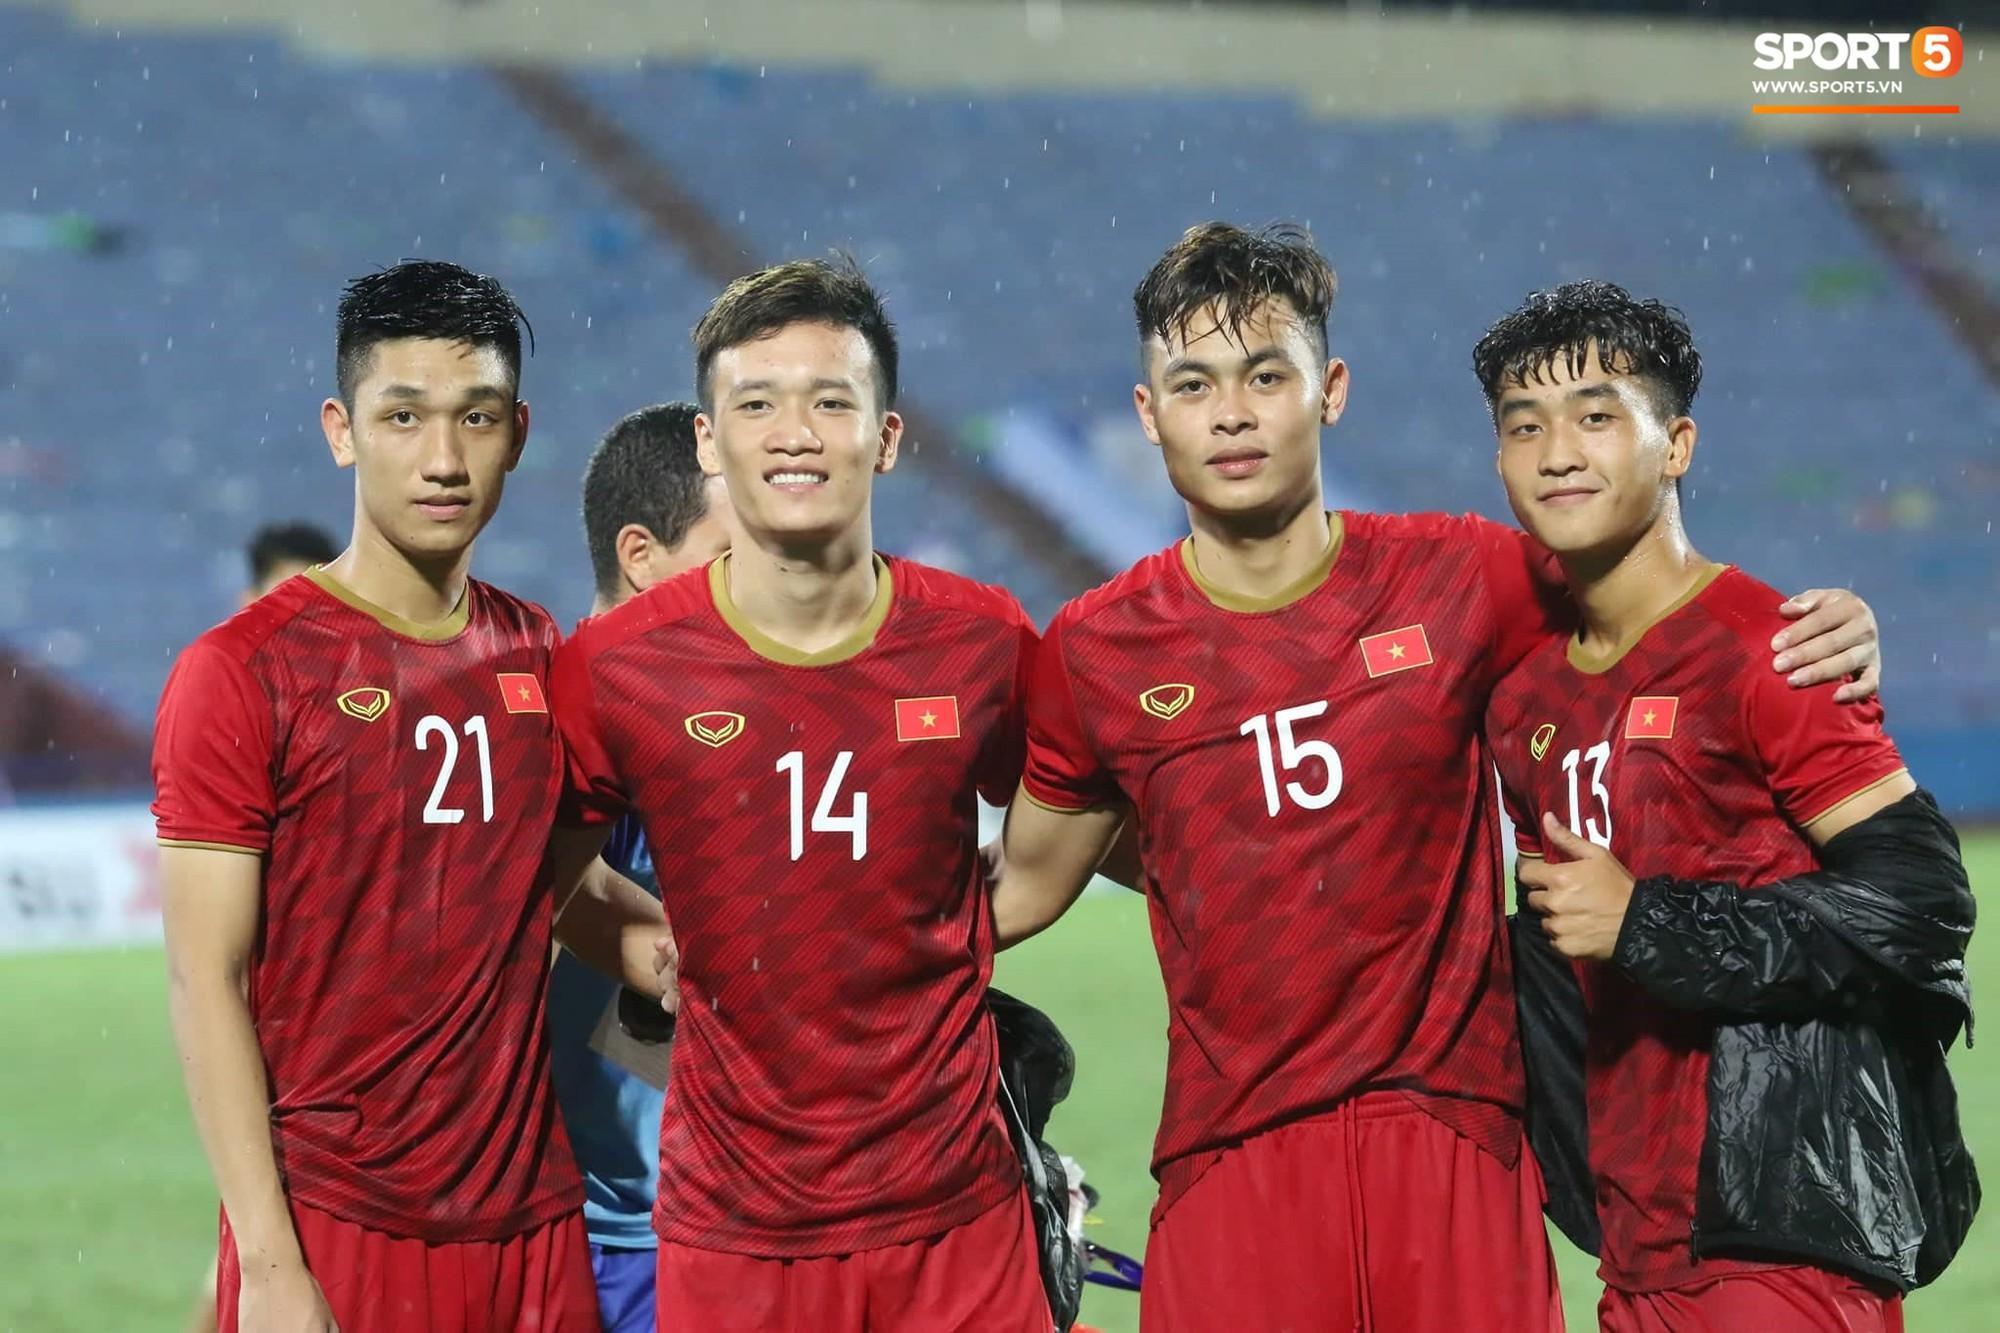 Hình ảnh cảm động: U23 Việt Nam đội mưa đi khắp khán đài cảm ơn người hâm mộ sau trận thắng U23 Myanmar - Ảnh 8.